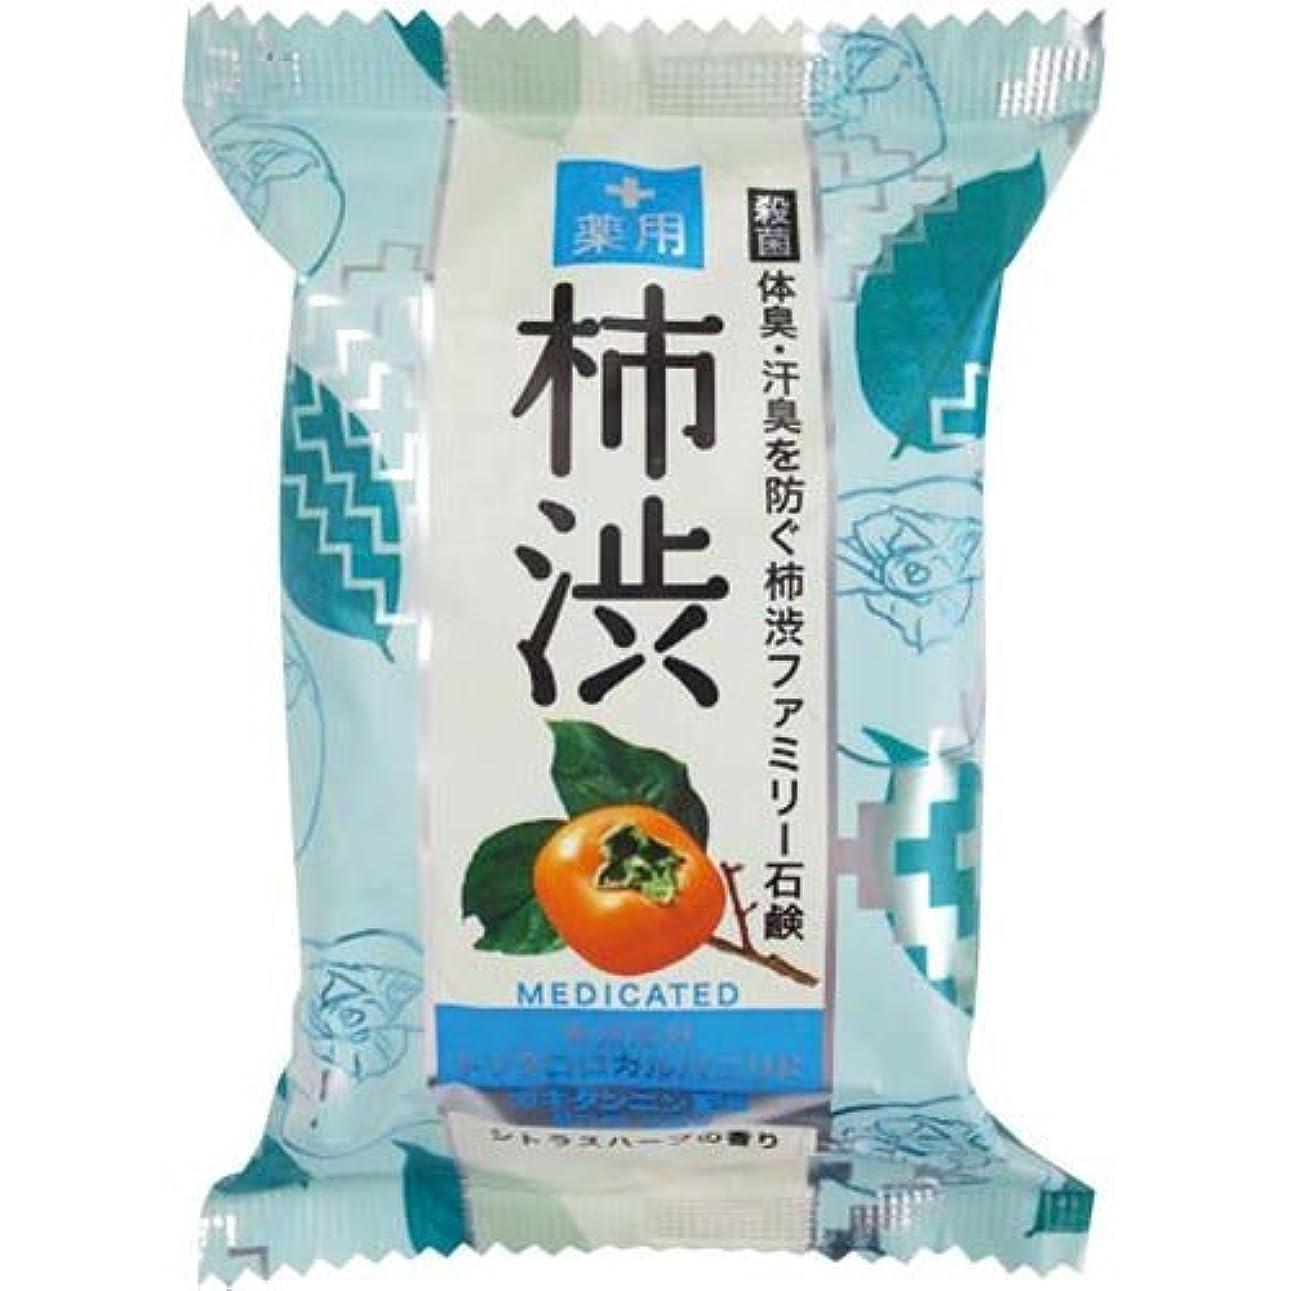 シール異邦人地味なペリカン石鹸 薬用ファミリー柿渋石鹸×6個×4箱